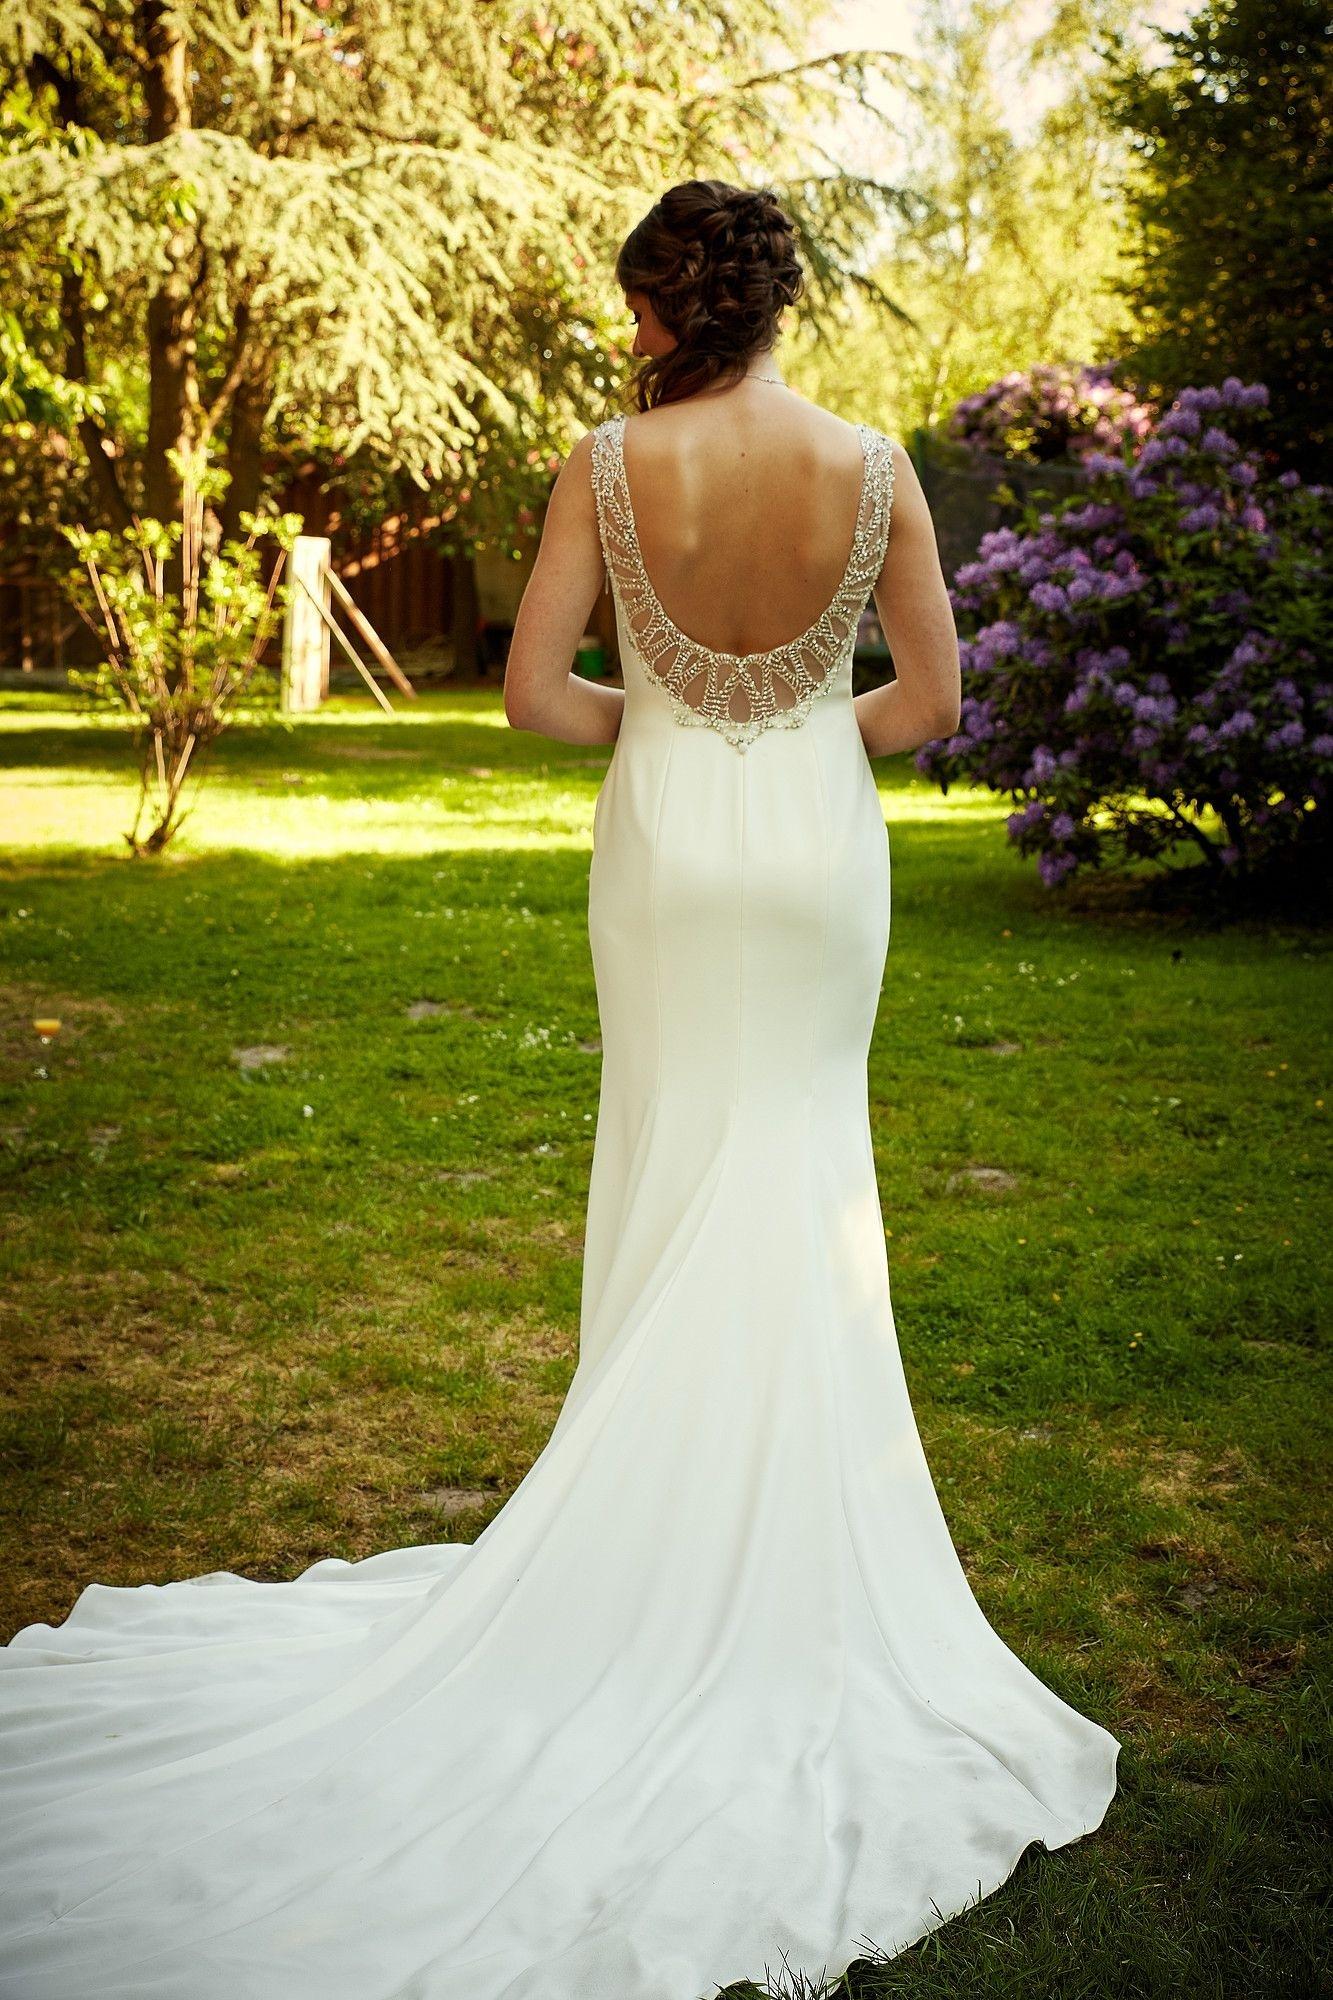 10 Genial Brautkleid Gebraucht Design20 Erstaunlich Brautkleid Gebraucht Vertrieb